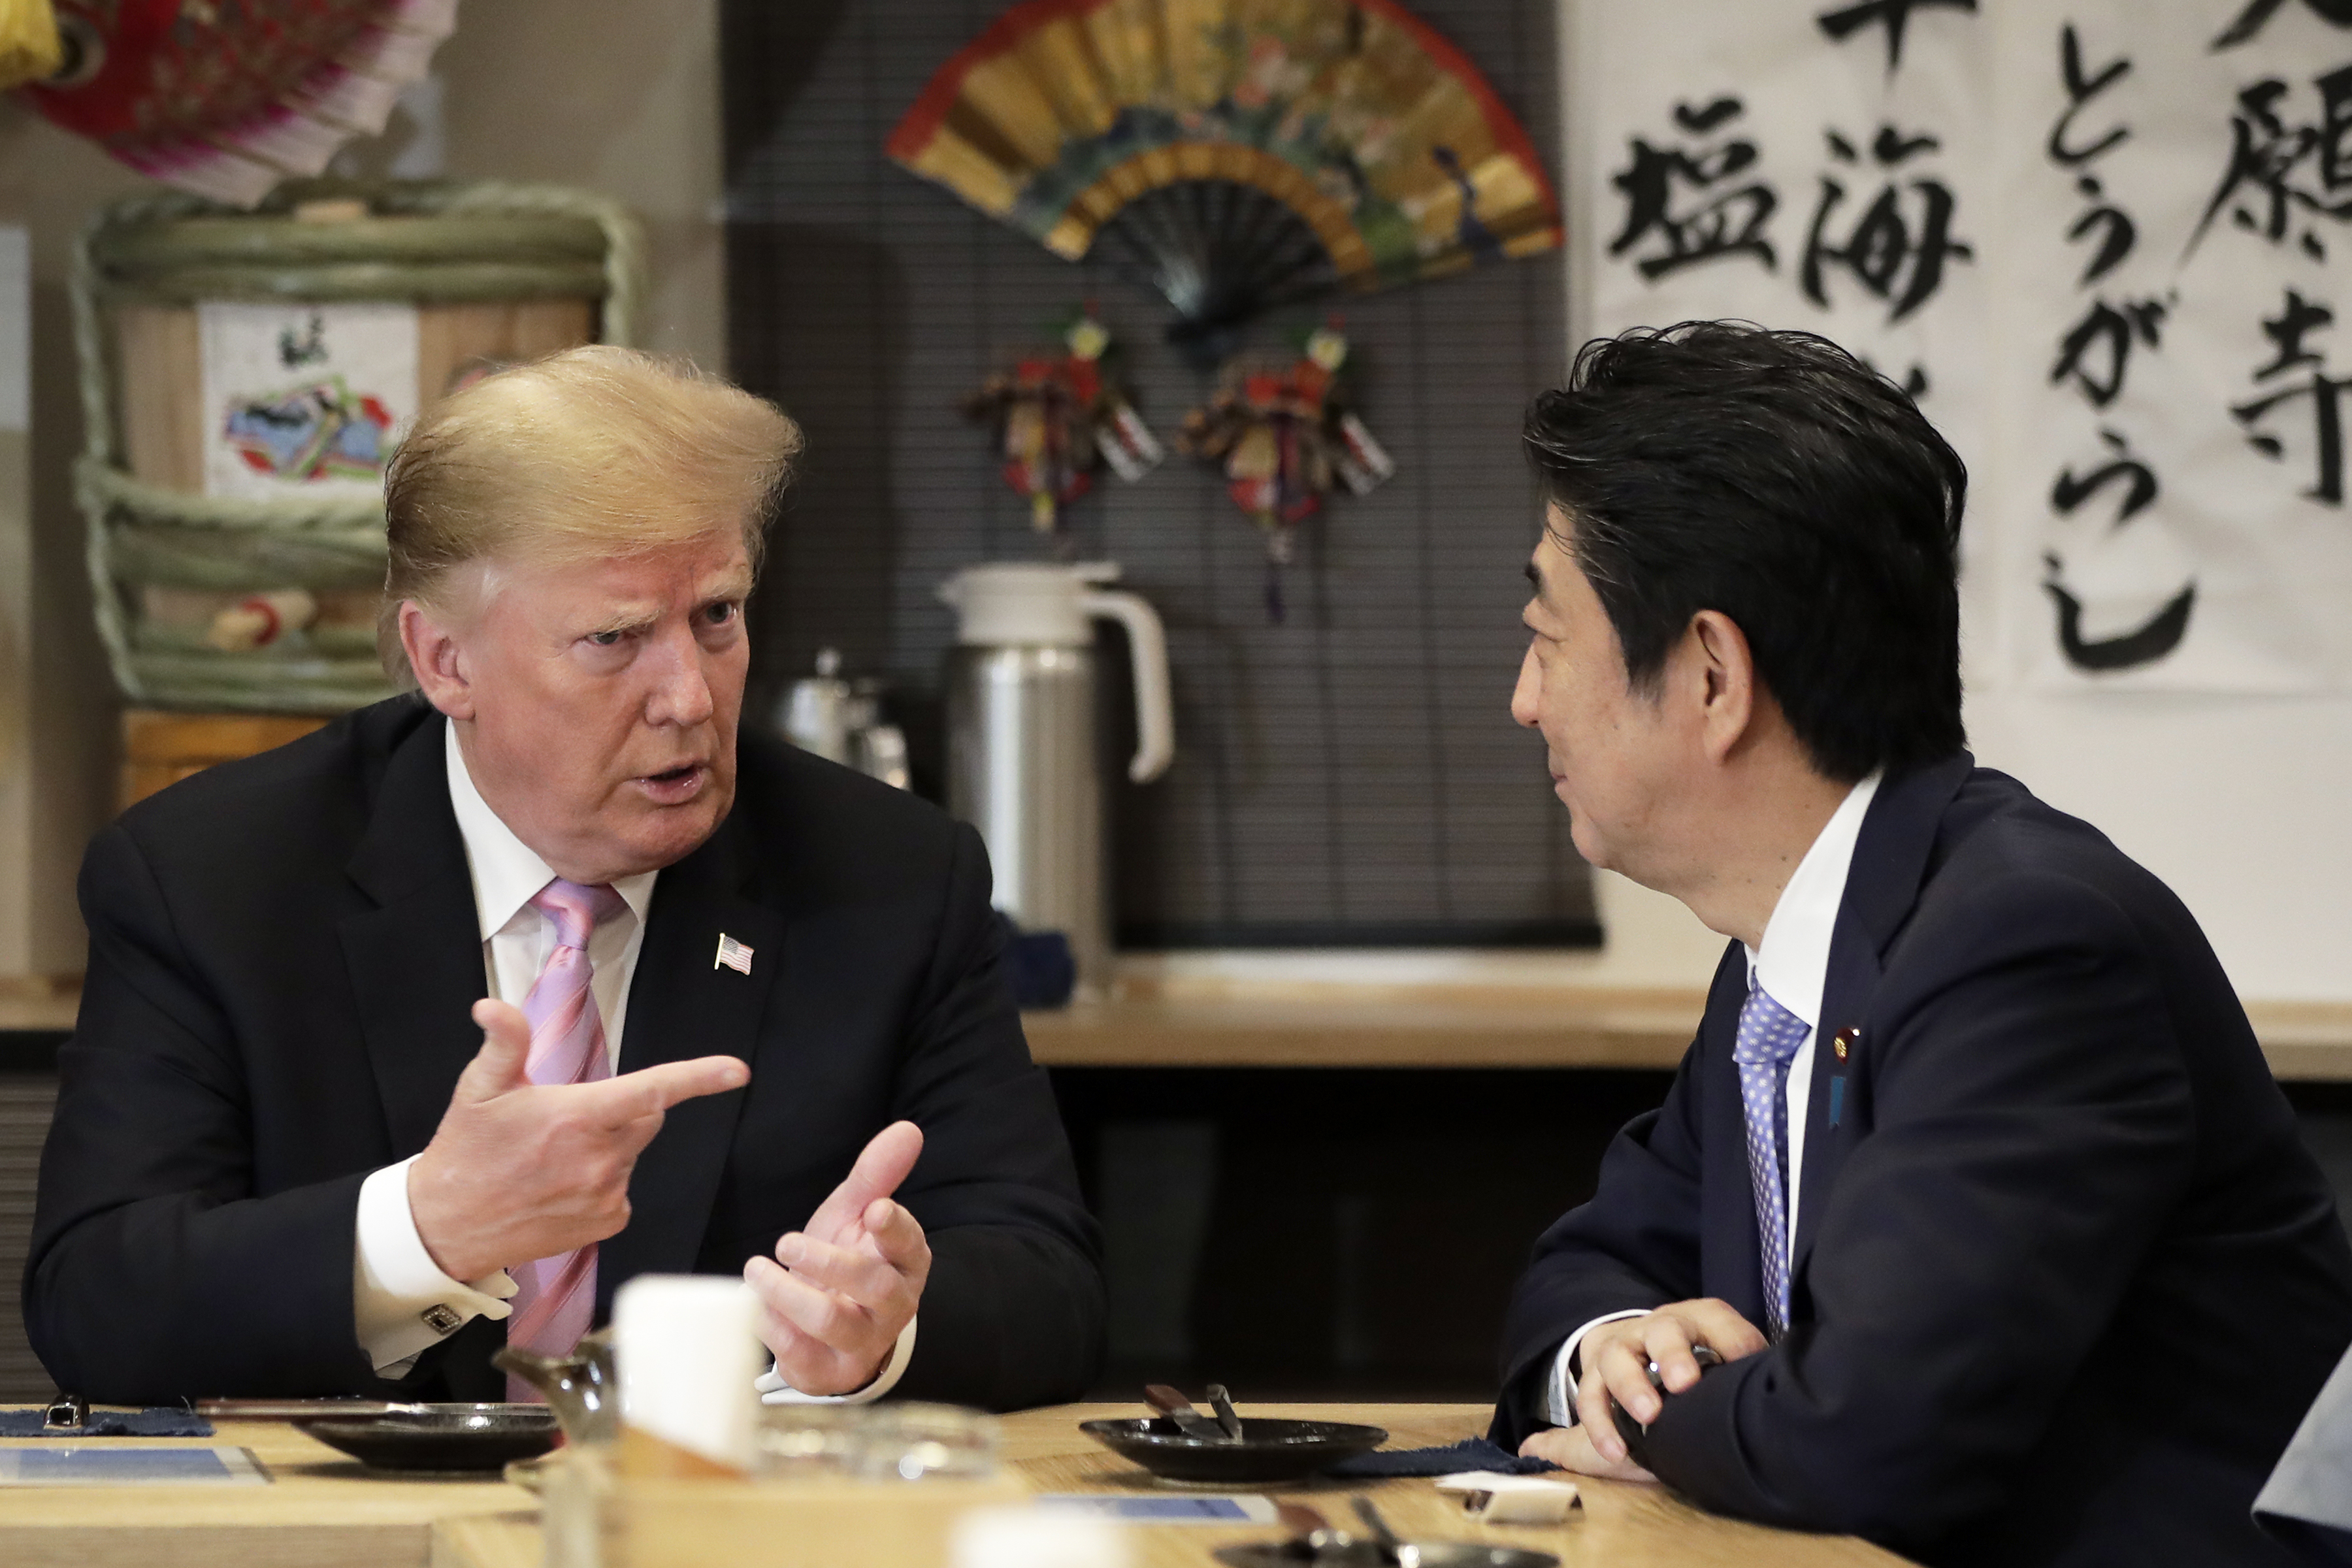 5月25日,美國總統特朗普訪問日本。圖為特朗普與日本安倍首相在交談。(Kiyoshi Ota-Pool/Getty Images)